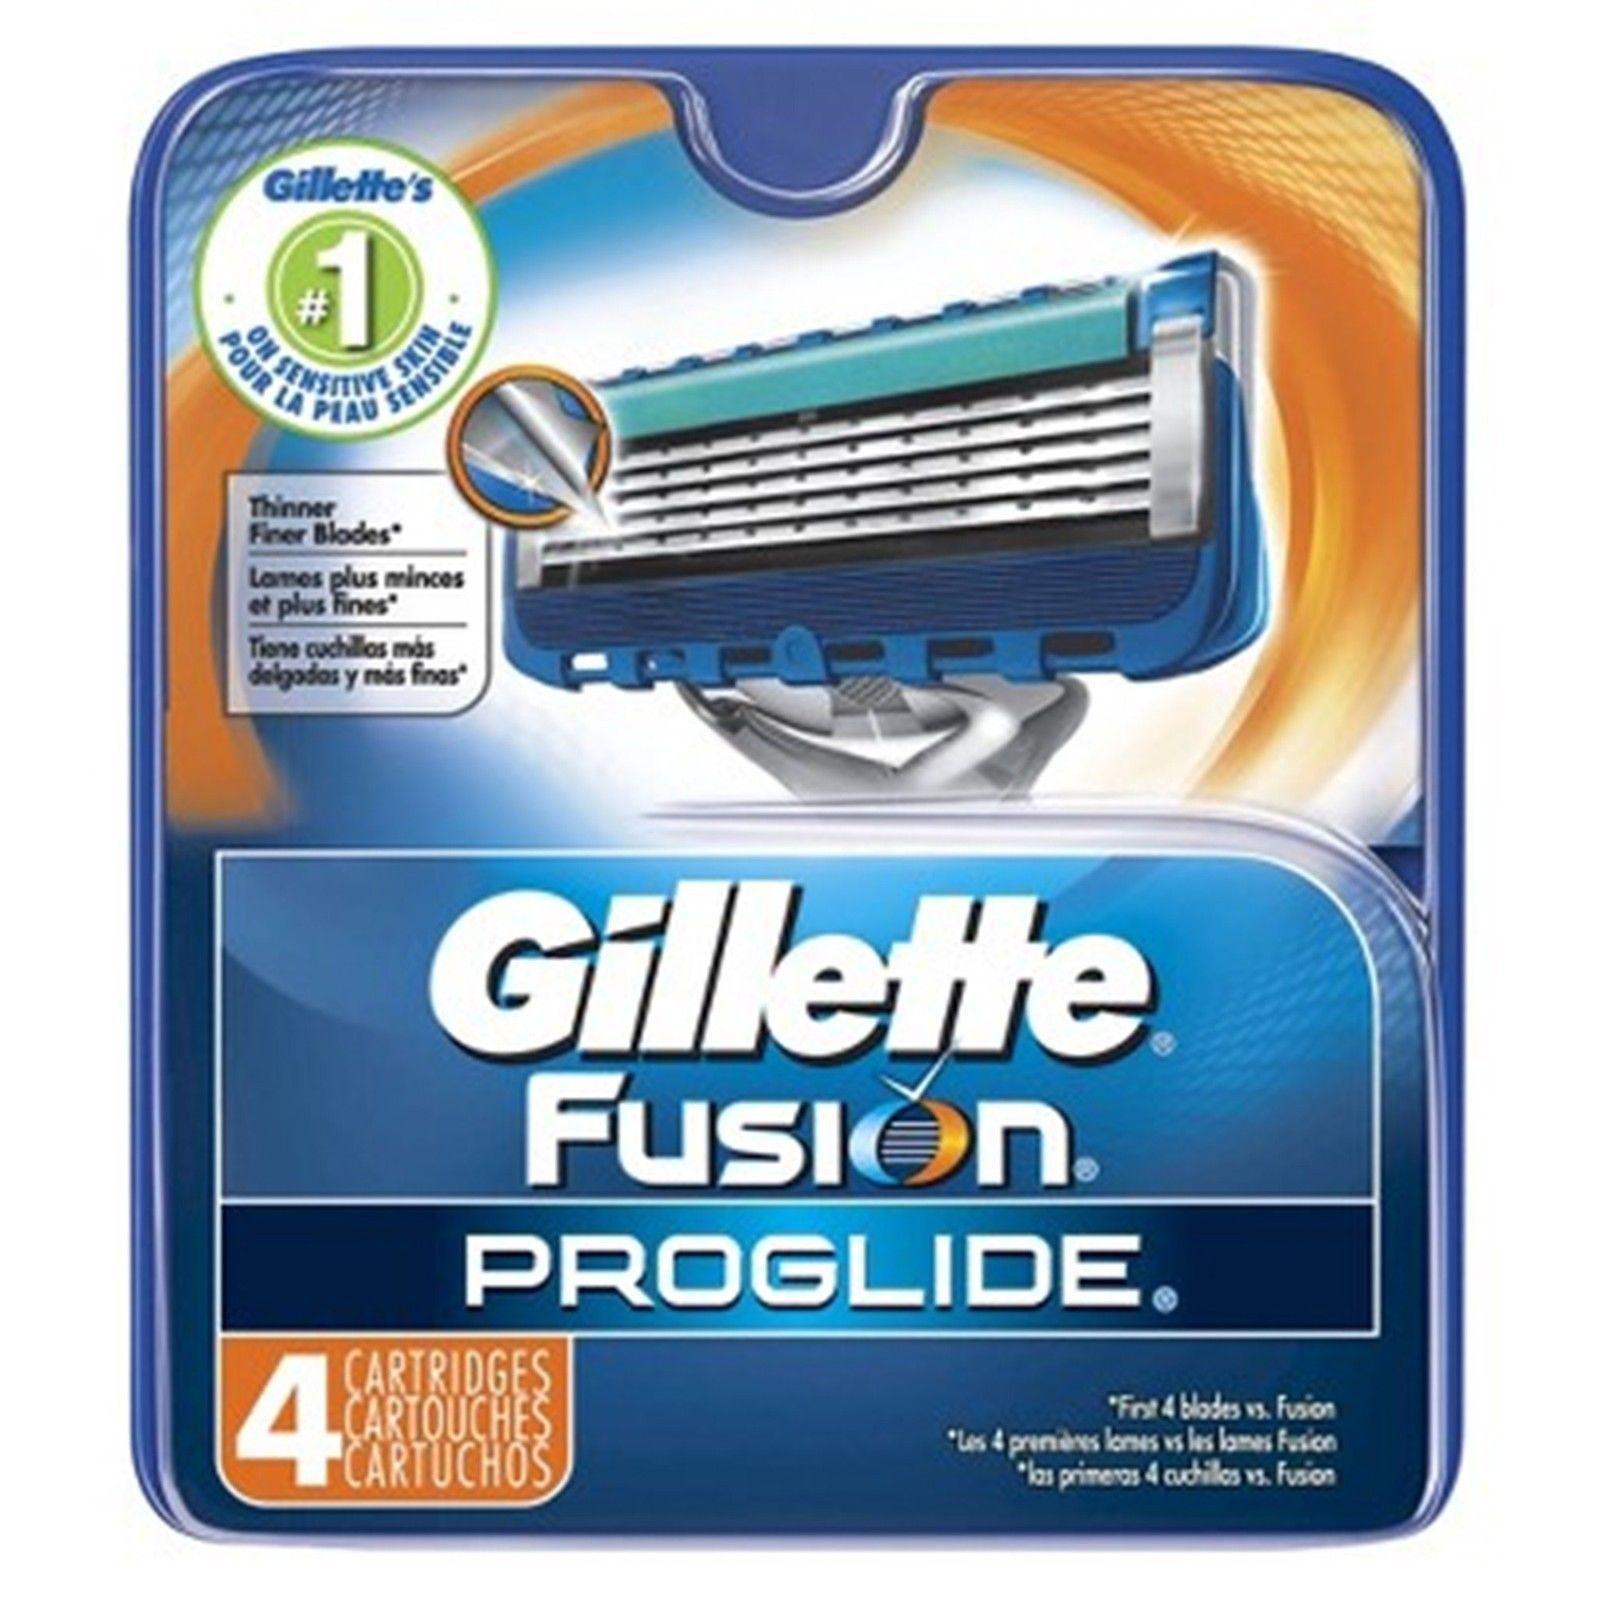 Gillette Fusion Proglide Razor Blades Brand New